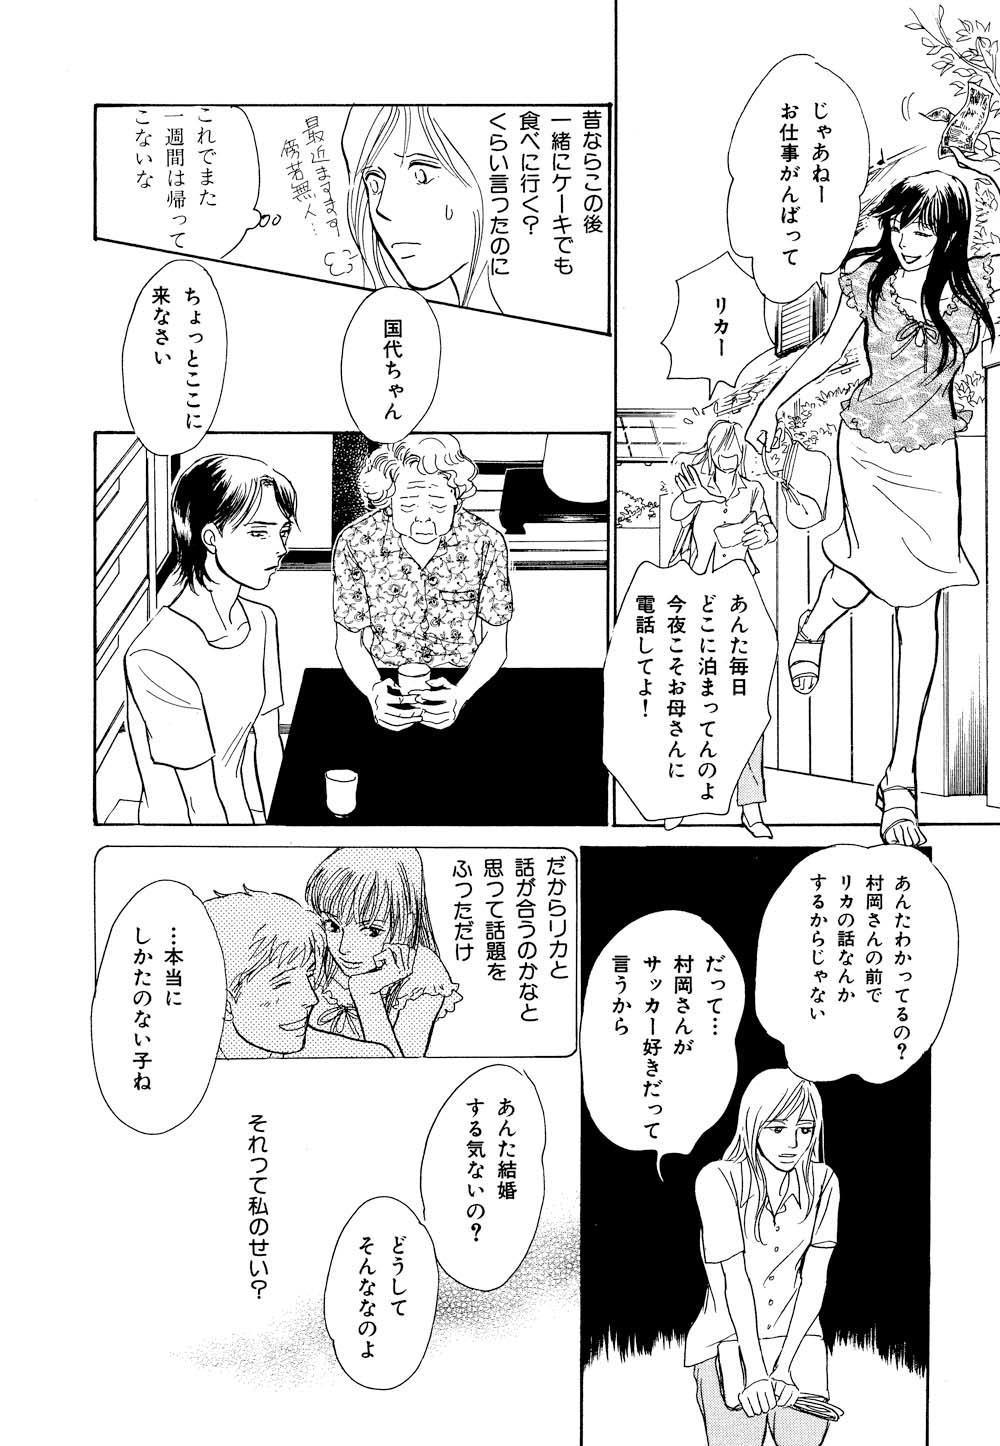 百鬼夜行抄_12_0168.jpg